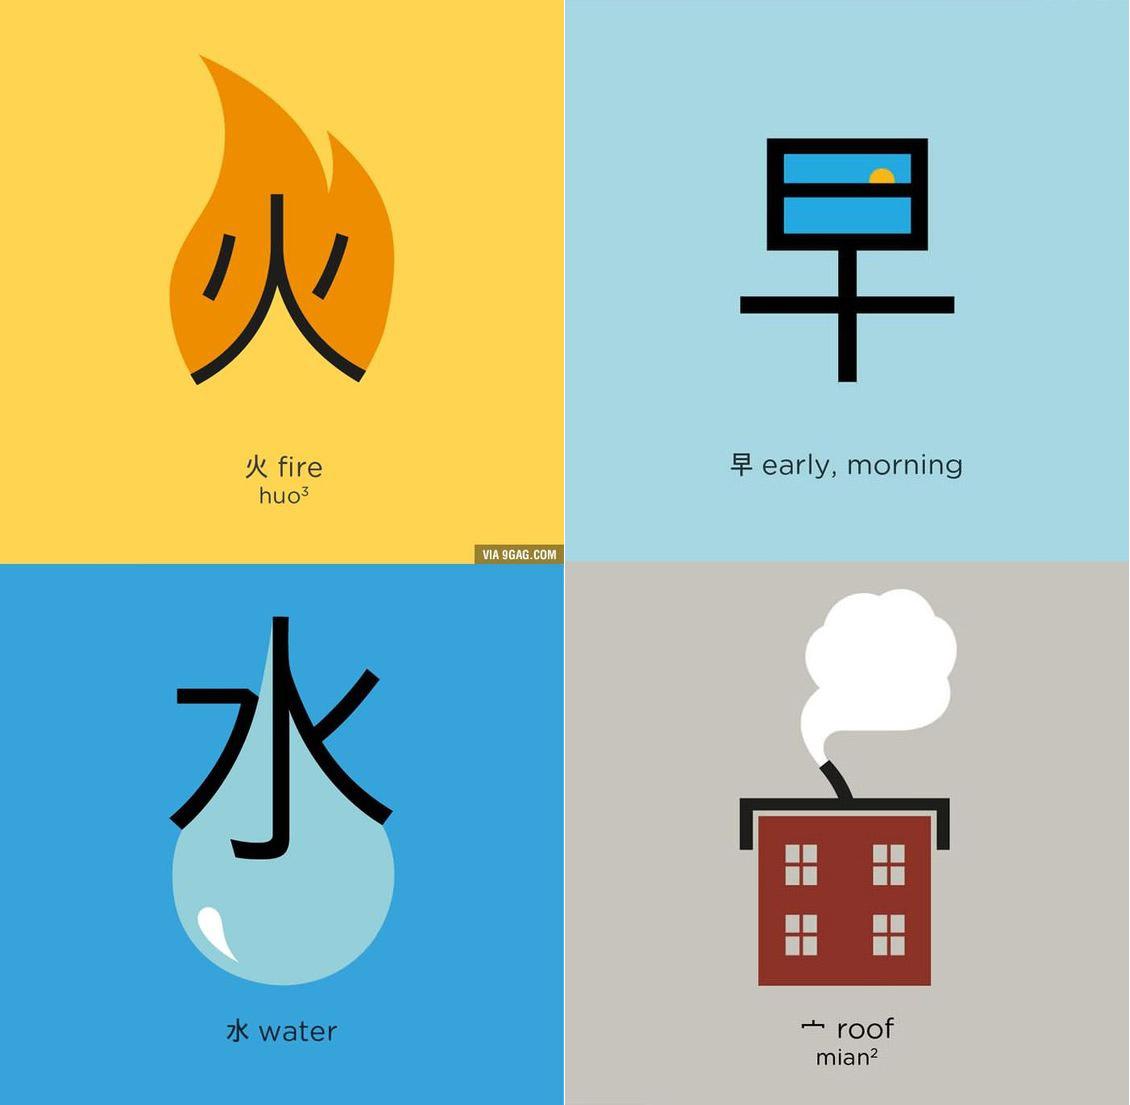 บทสนทนาภาษาจีนเบื้องต้น